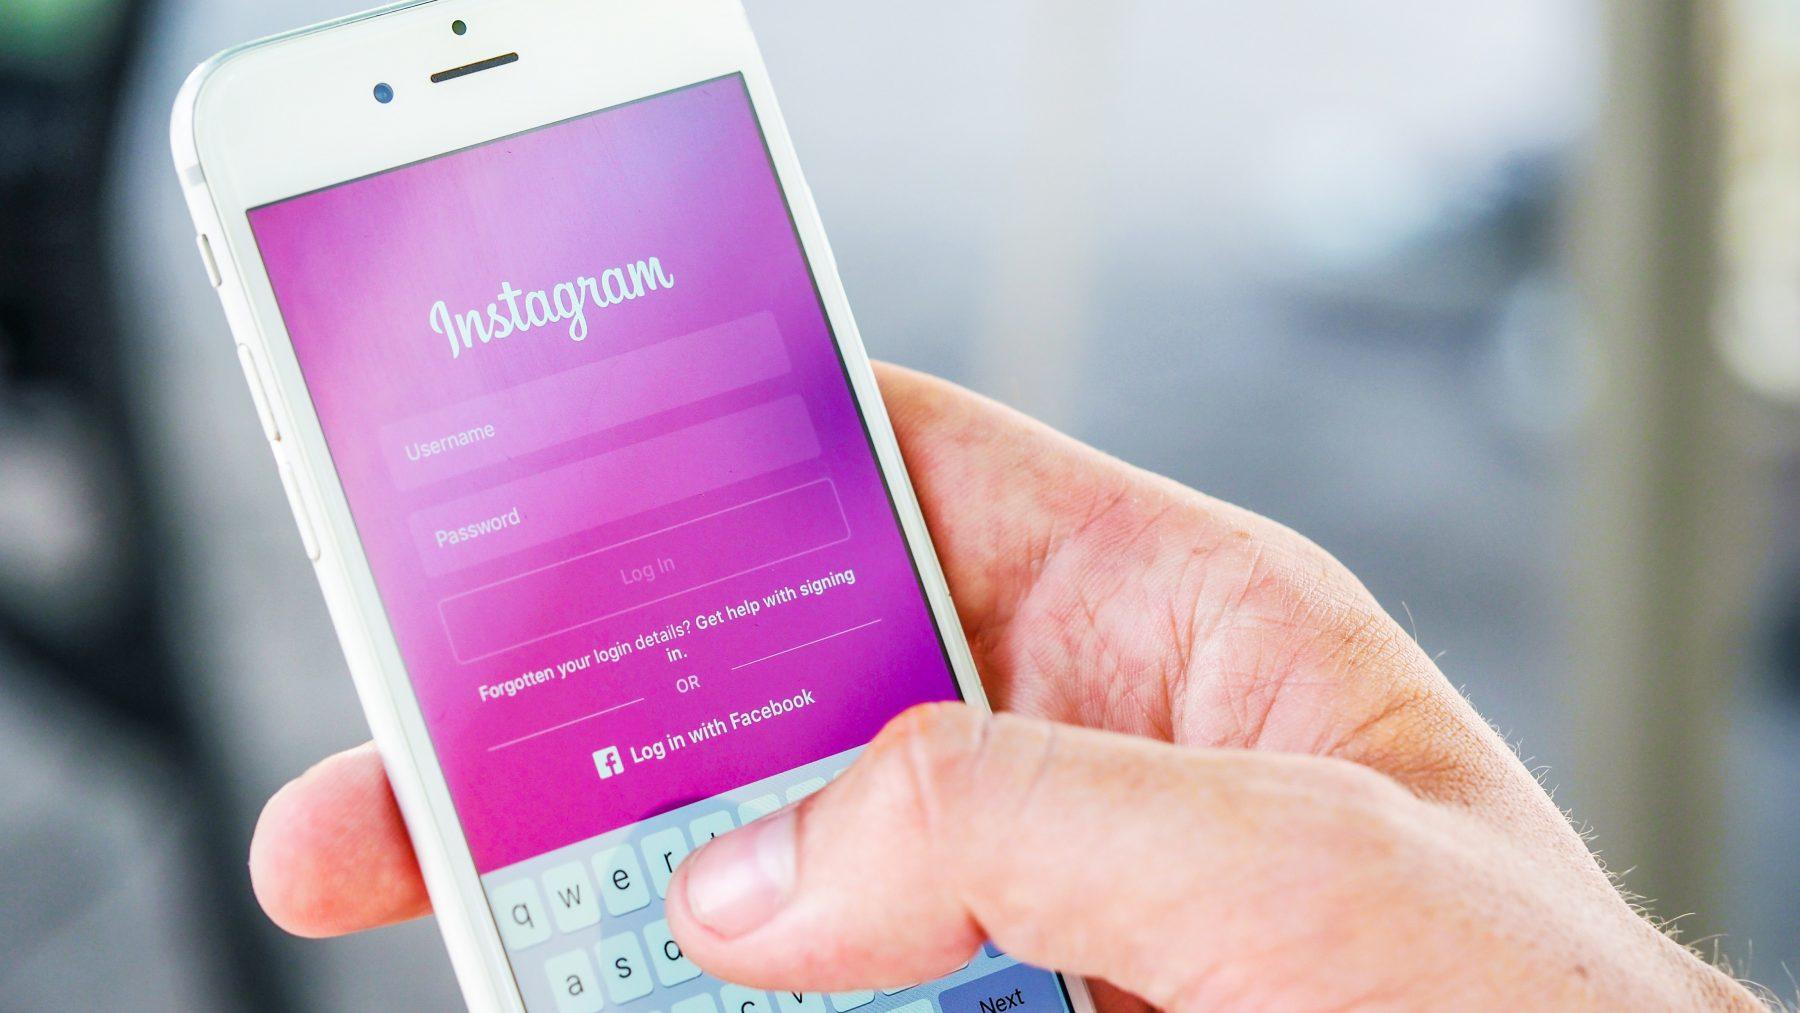 Instagram komt met functie om pesten tegen te gaan